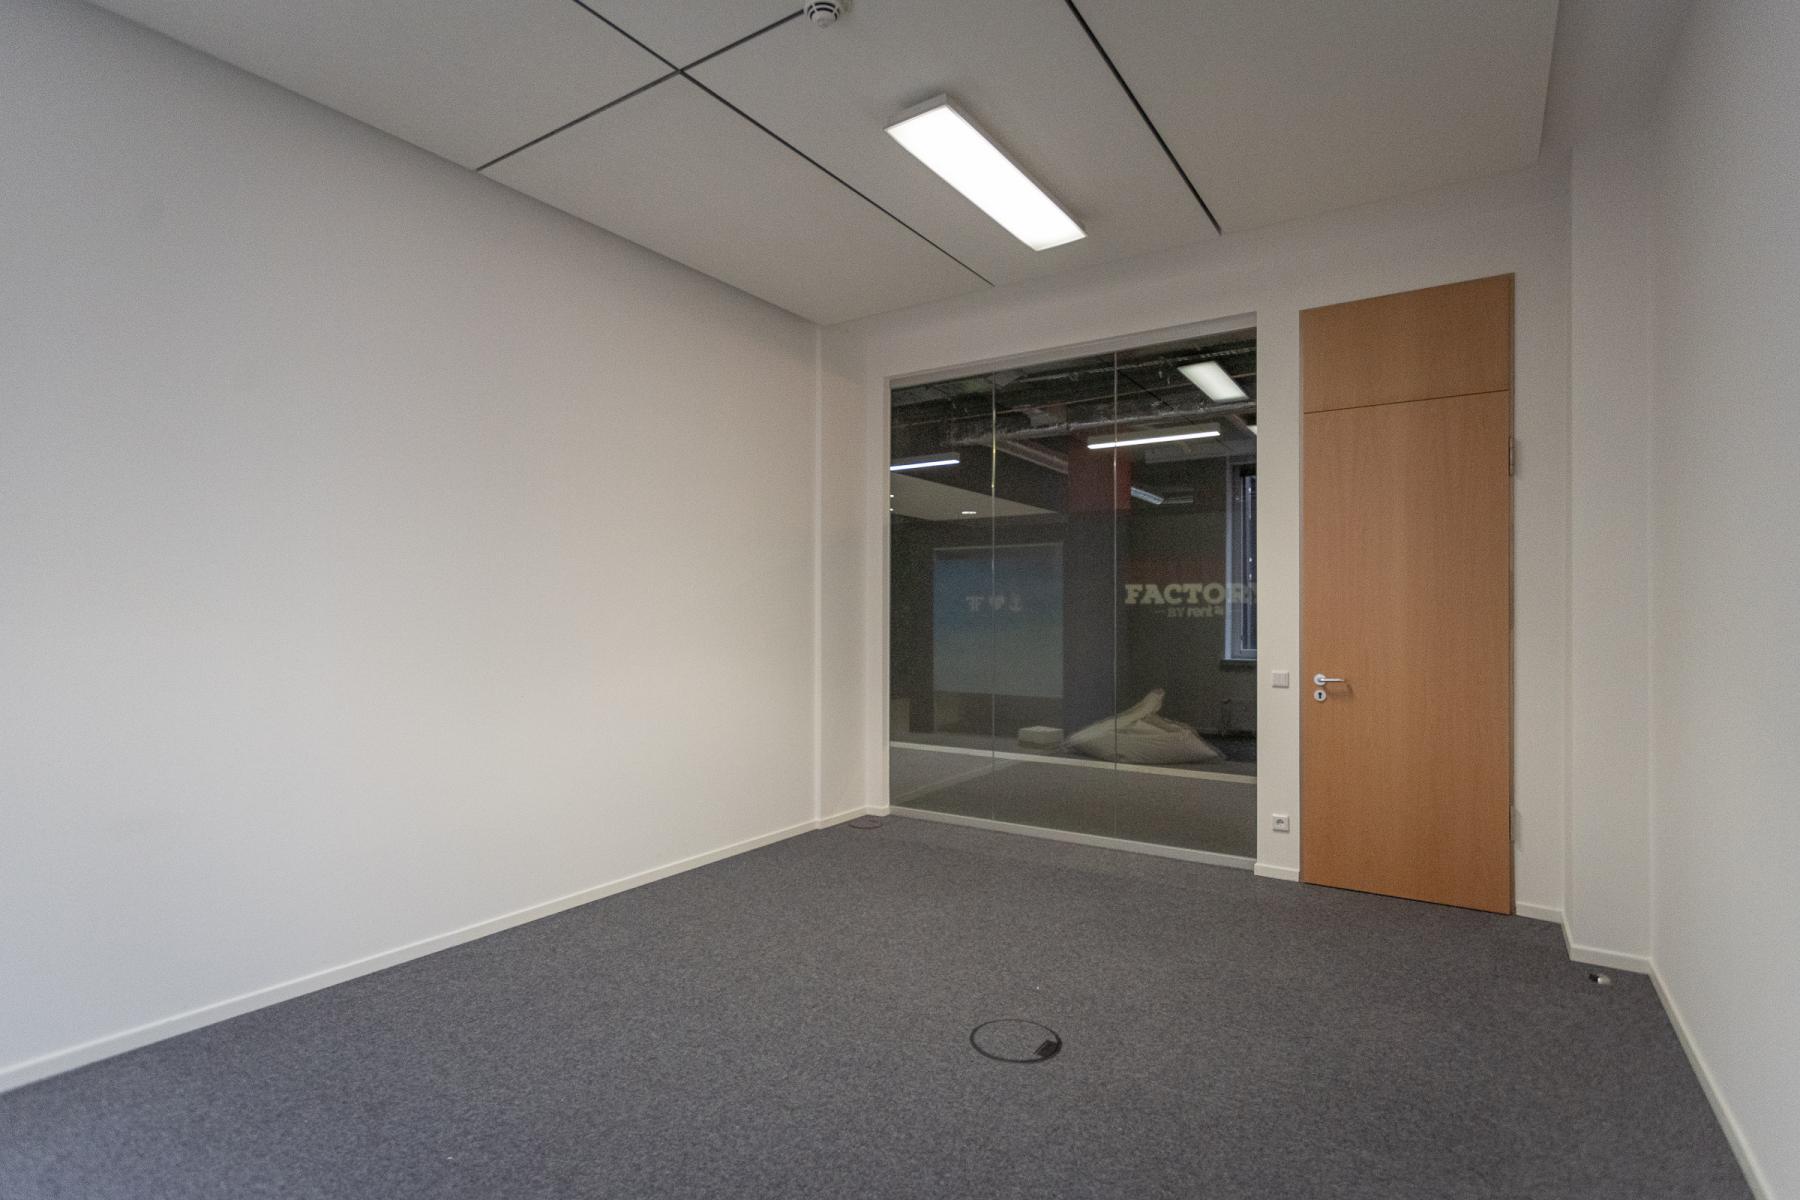 Privates Büro mieten Business Center Hamburg